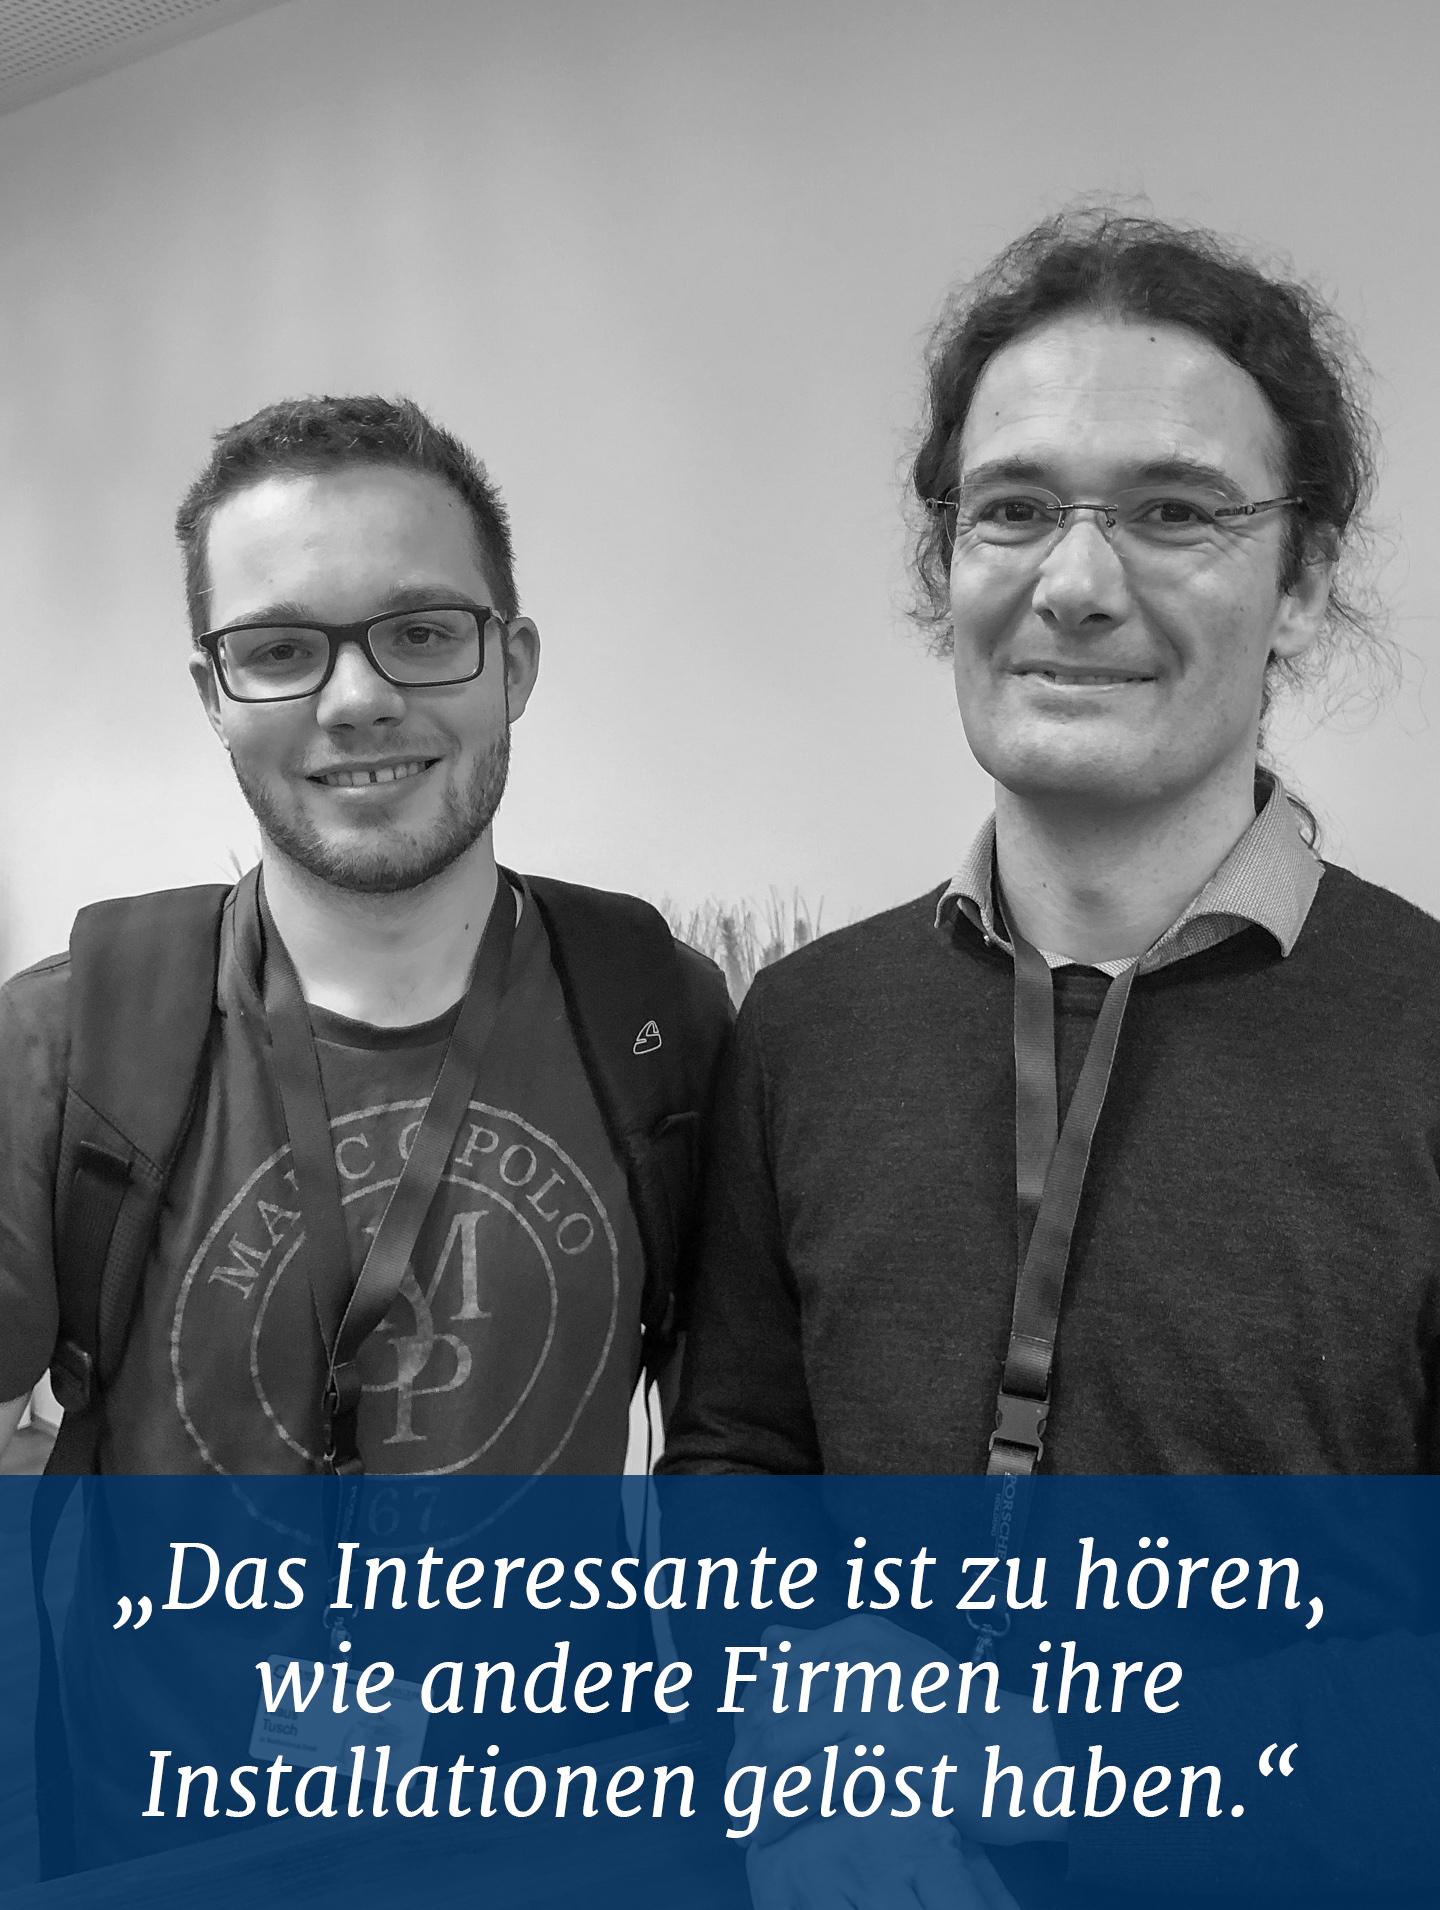 """Klaus Tusch und Udo Rader von BestSolution.at """"Das Interessante ist zu hören, wie andere Firmen ihre Installationen gelöst haben"""""""